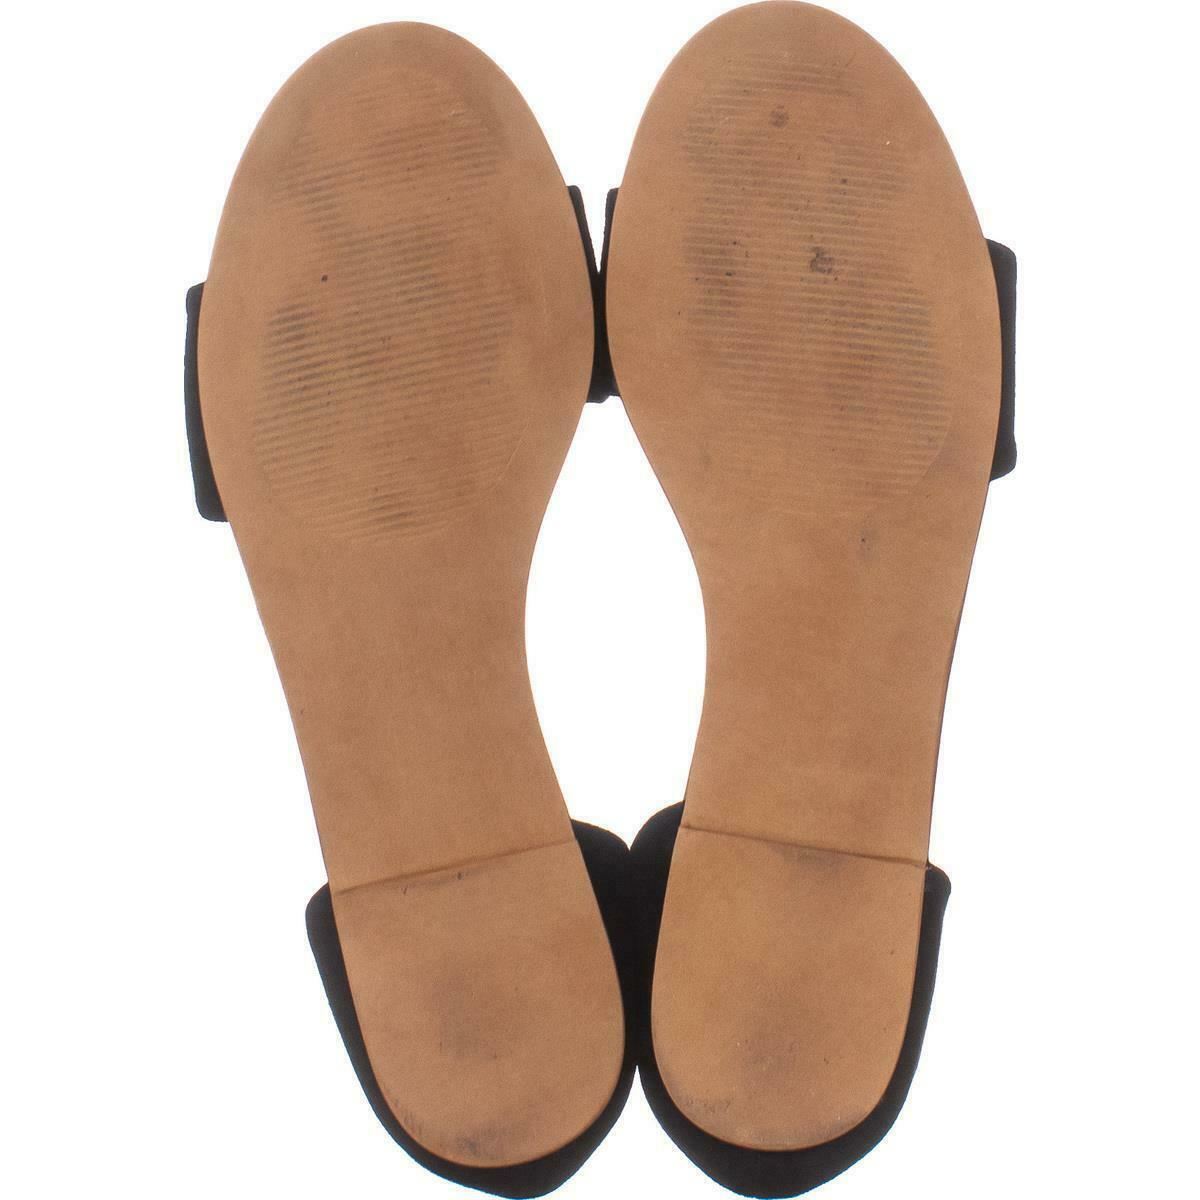 Steve Madden Corey Slip On Flat Sandals 271, Black Suede, 6 US image 6